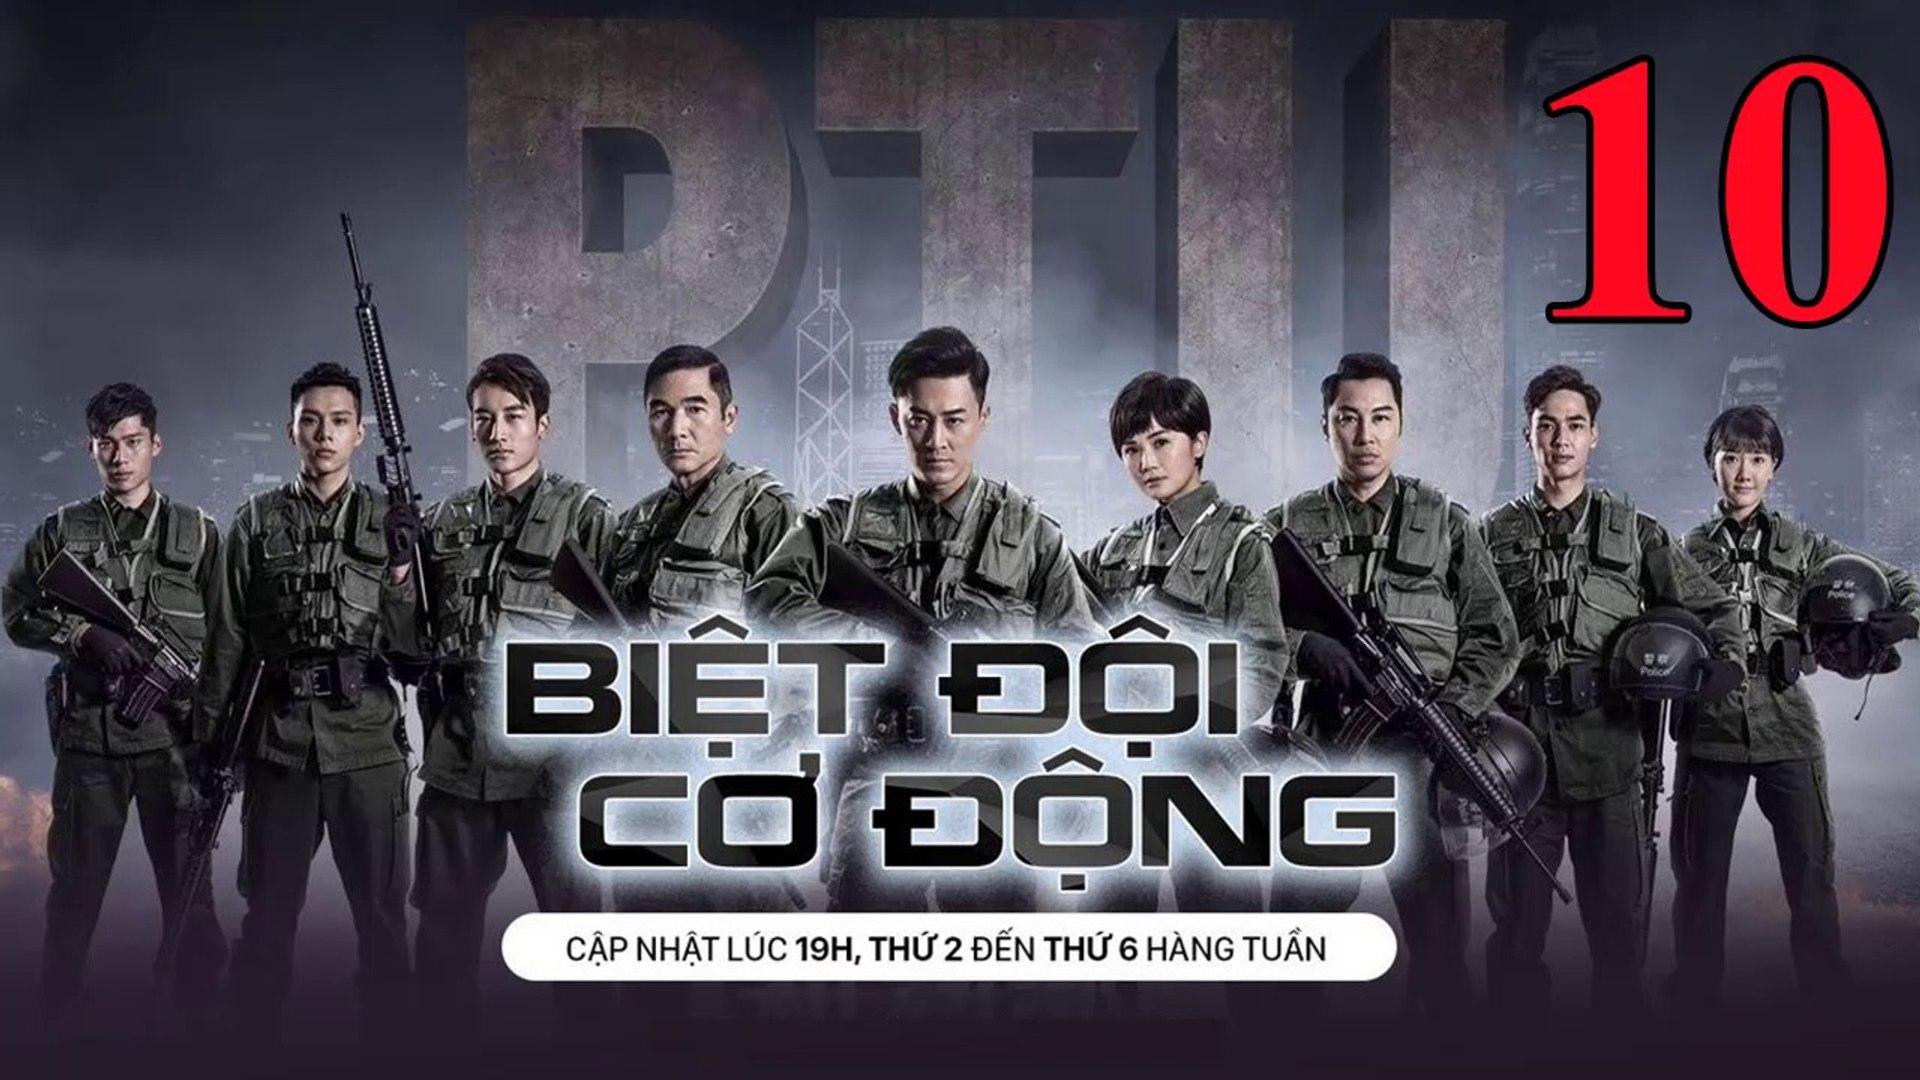 Phim Hành Động TVB: Biệt Đội Cơ Động Tập 10 Vietsub | 机动部队 Police Tactical Unit Ep.10 HD 2019